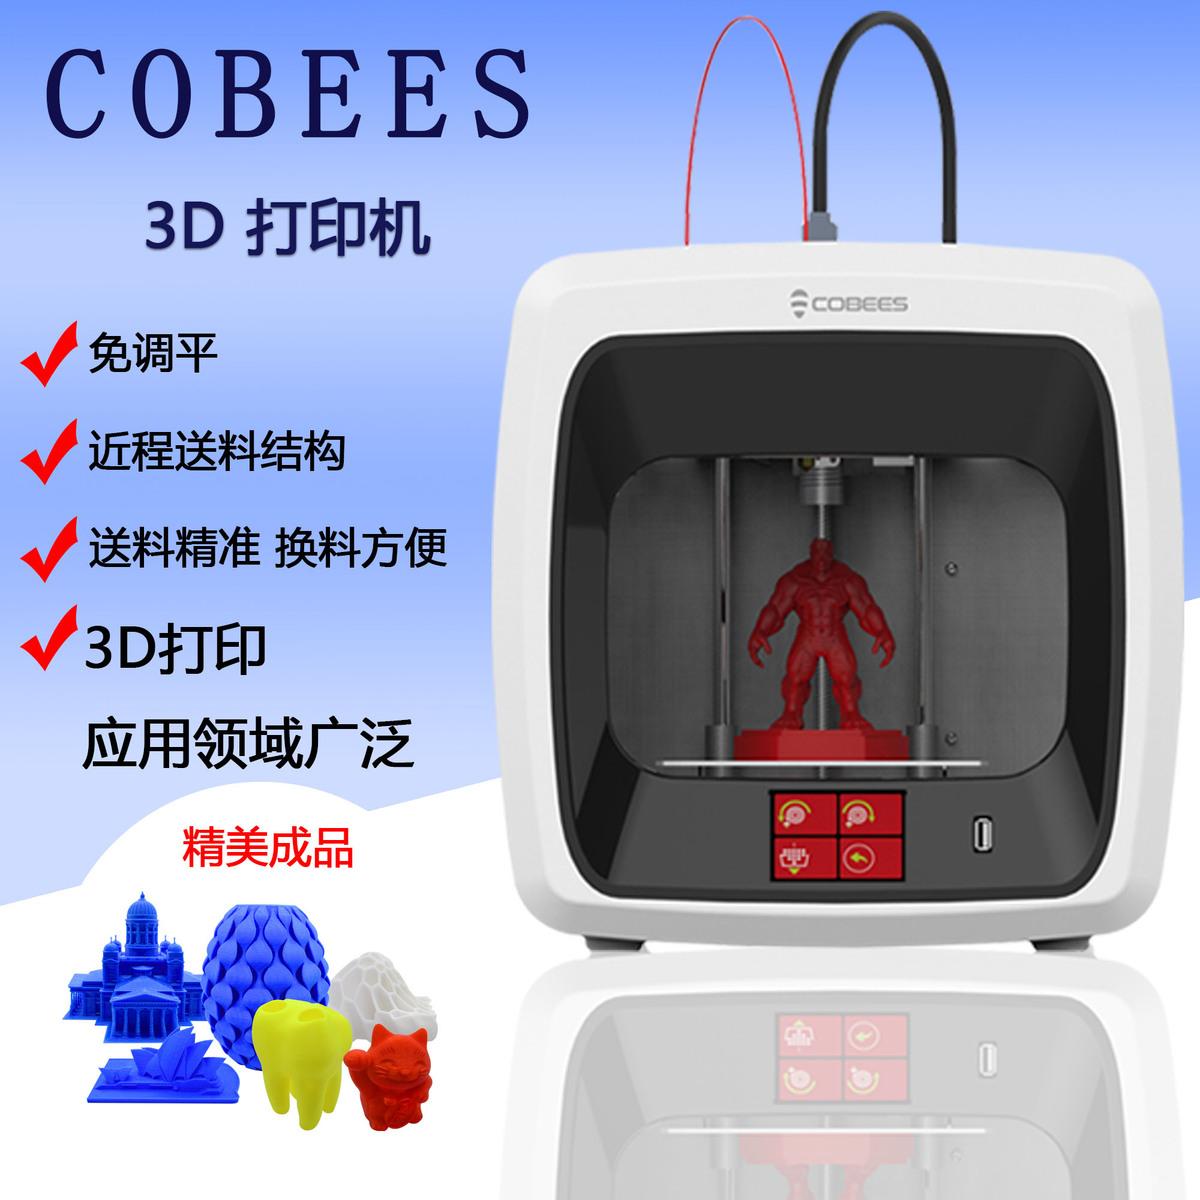 3D프린터 Ideaformer COBEES 고정밀도 가정용, T01-화이트